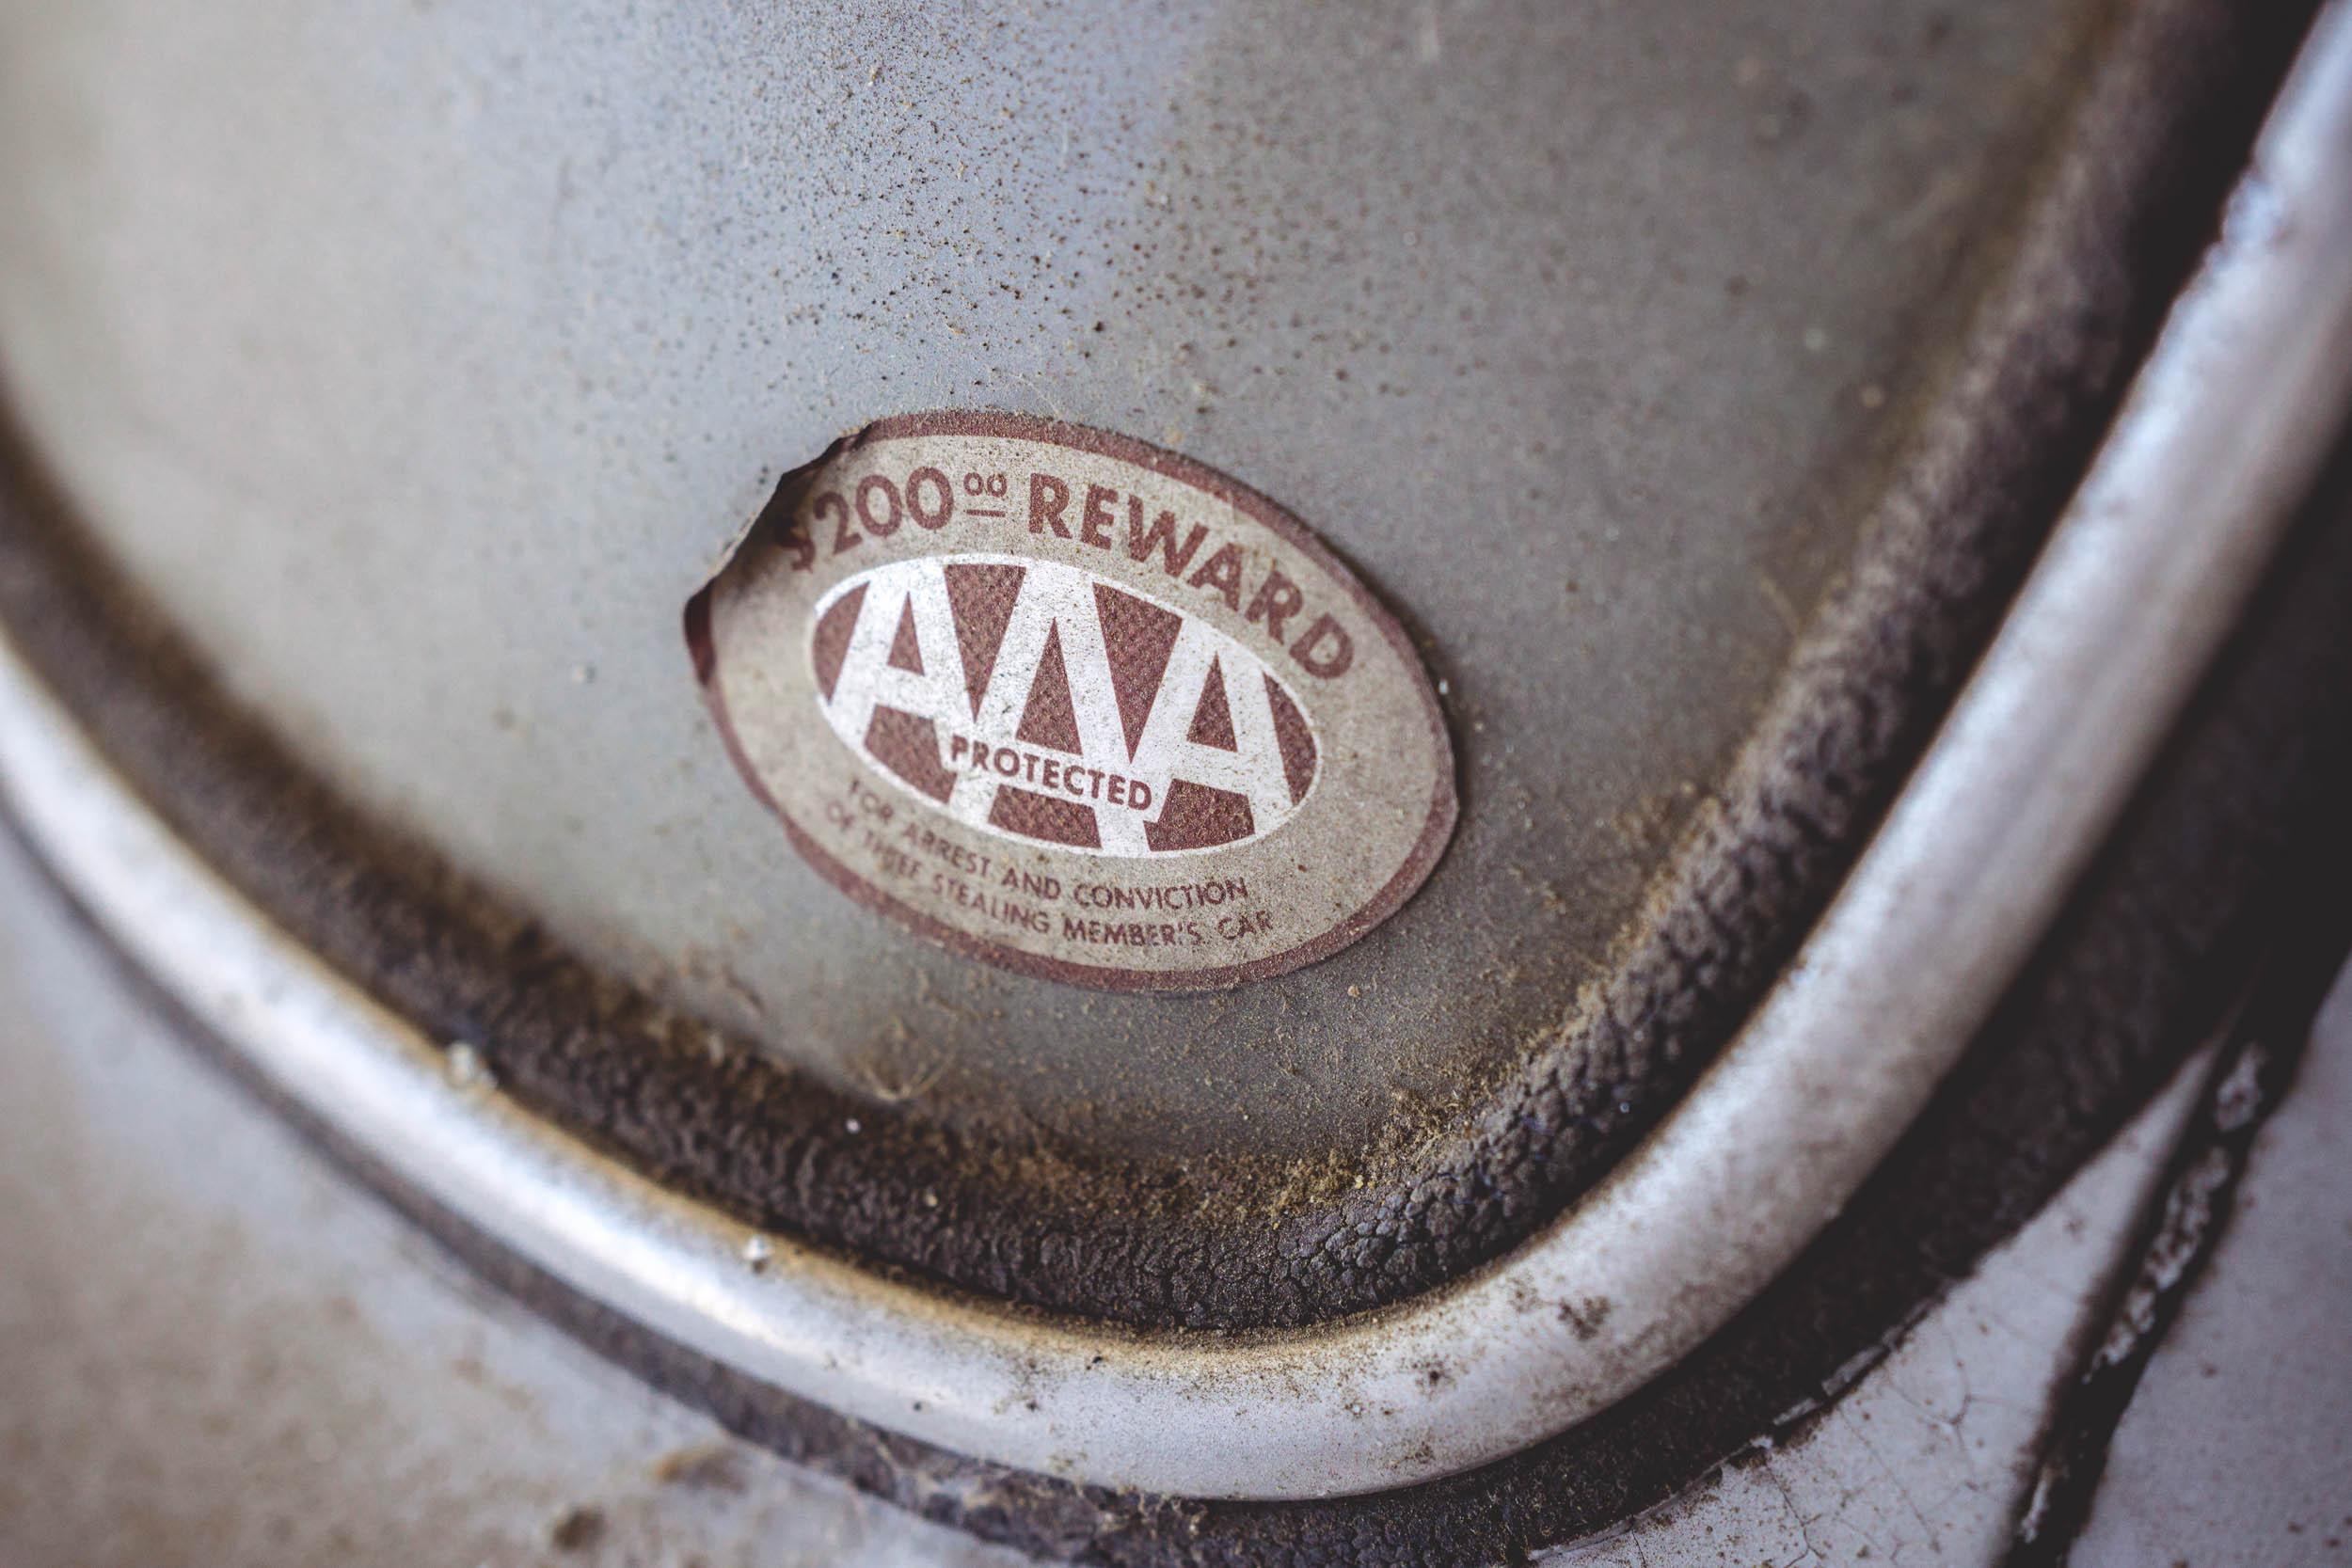 1954 Mercedes-Benz 300SL Gullwing AAA sticker